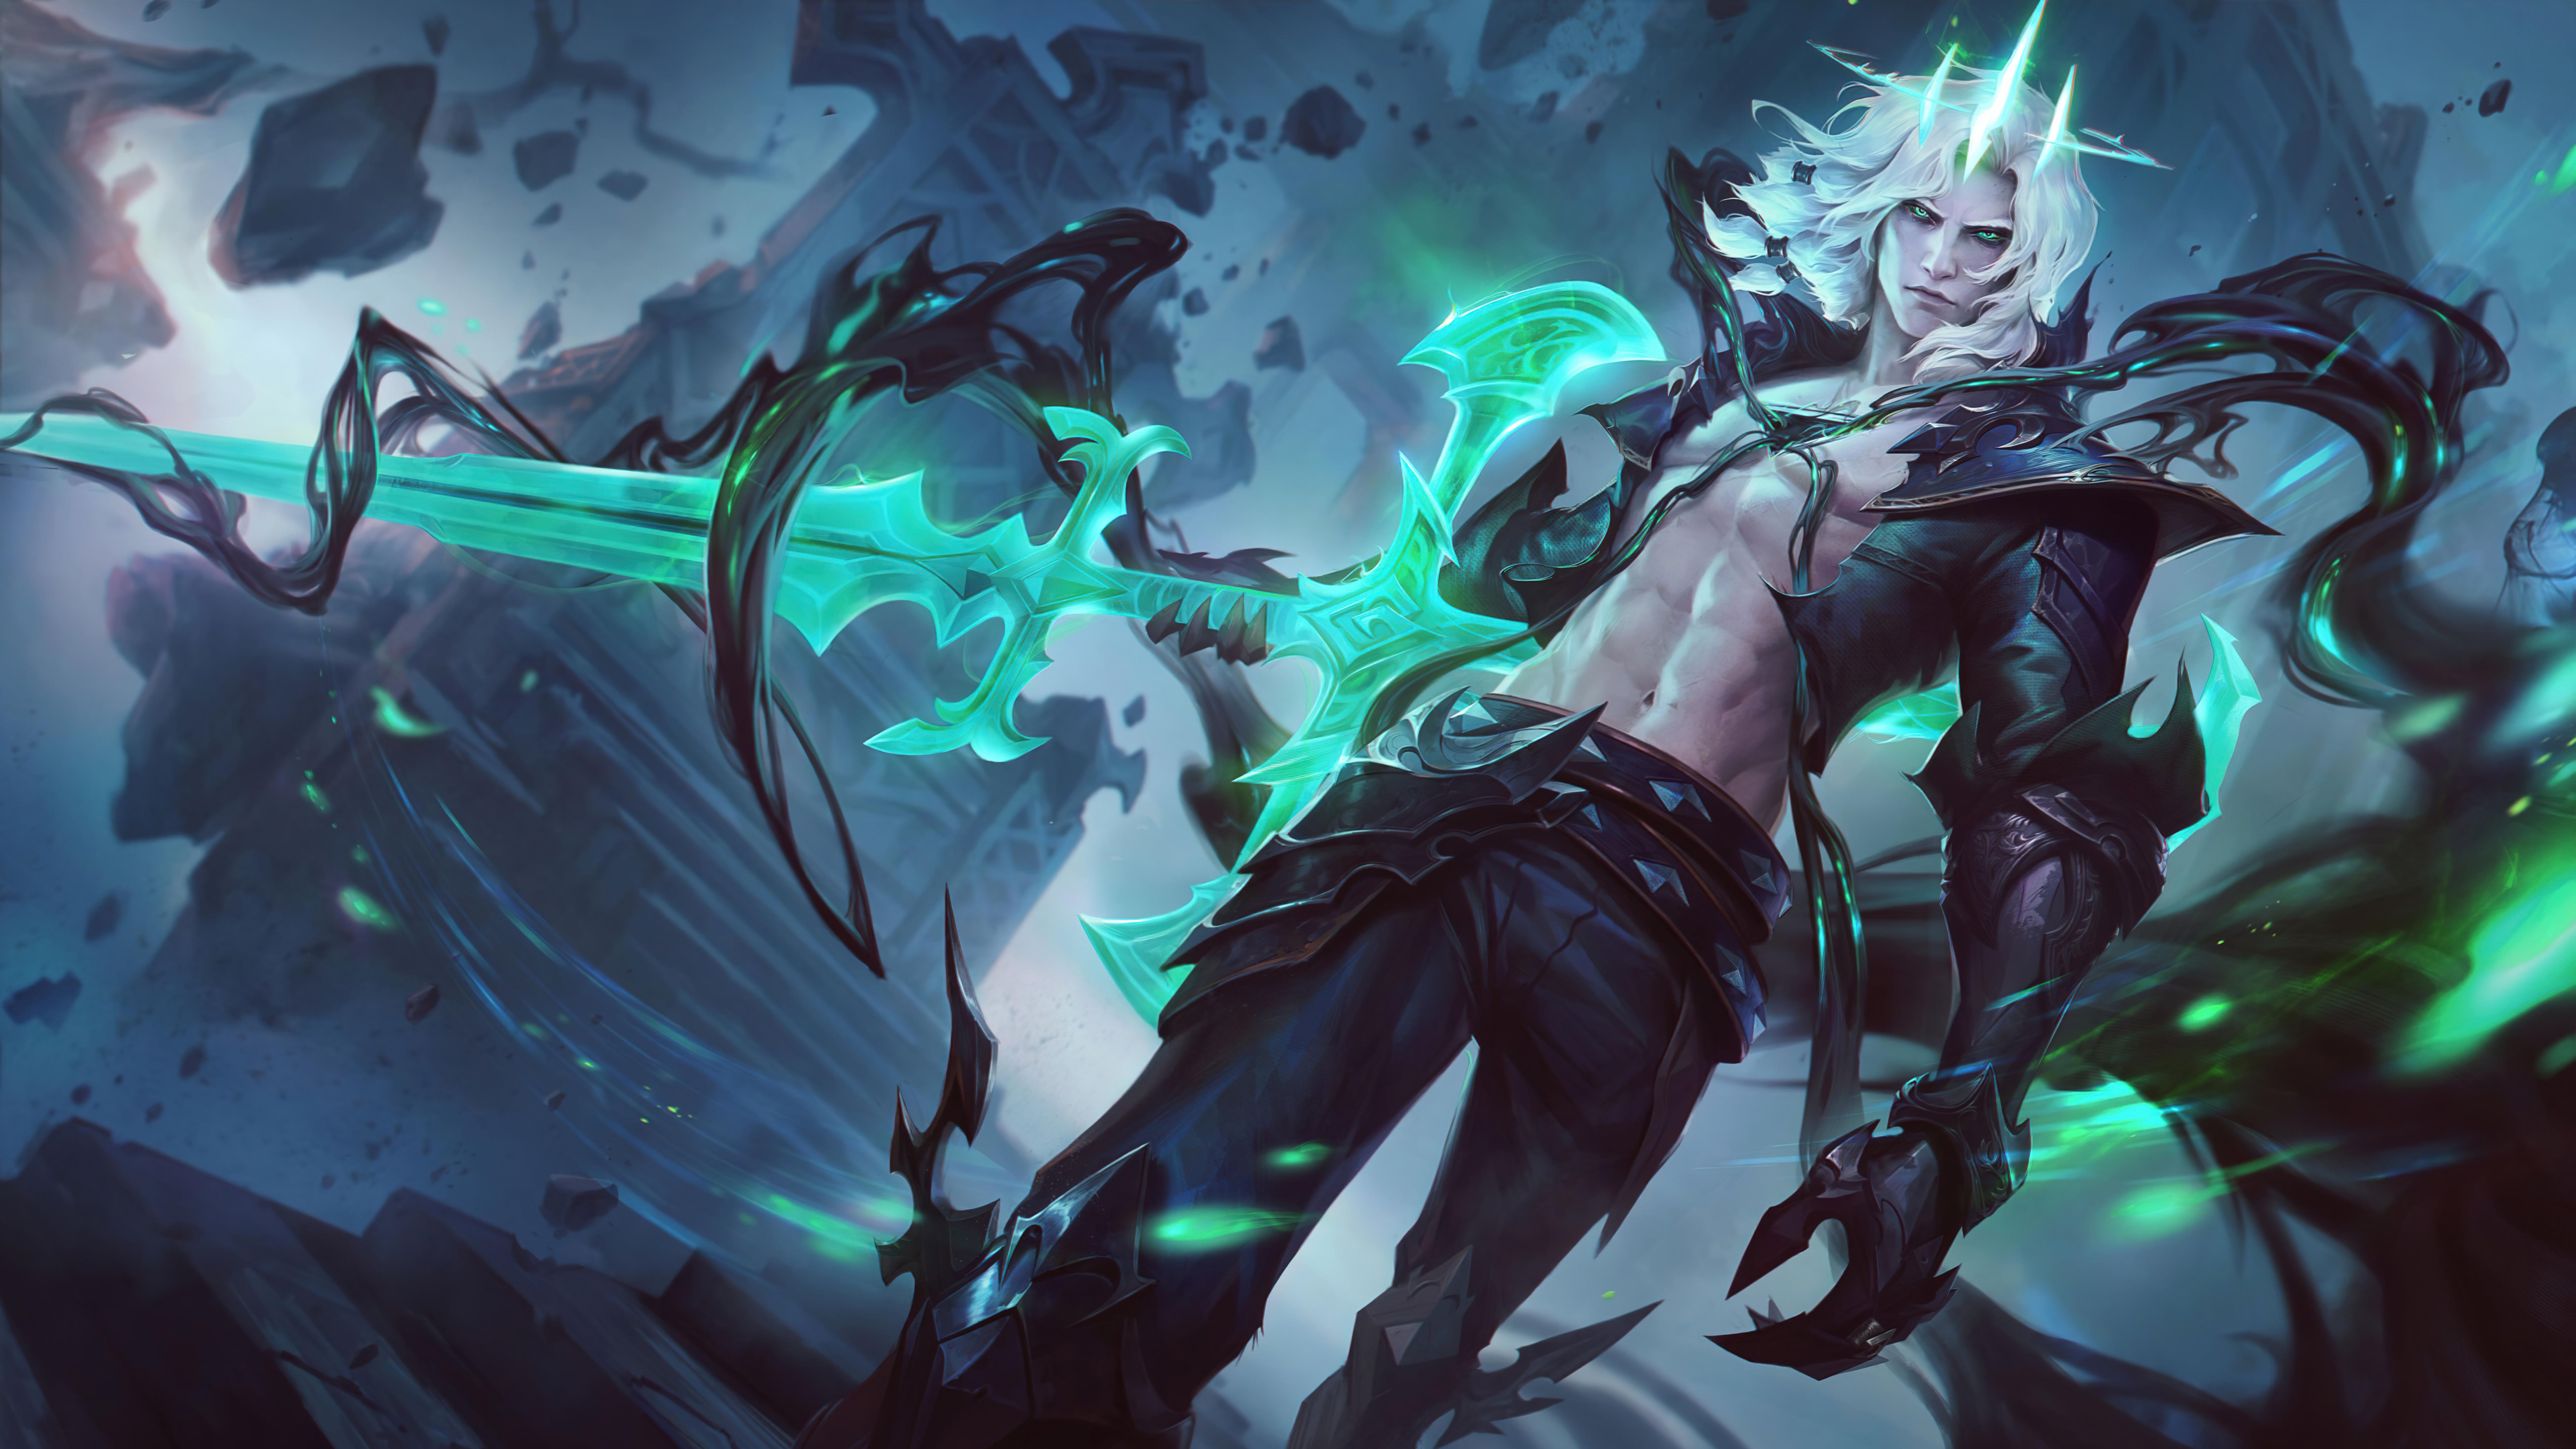 General 7680x4320 Viego (League of Legends) League of Legends Riot Games 4K